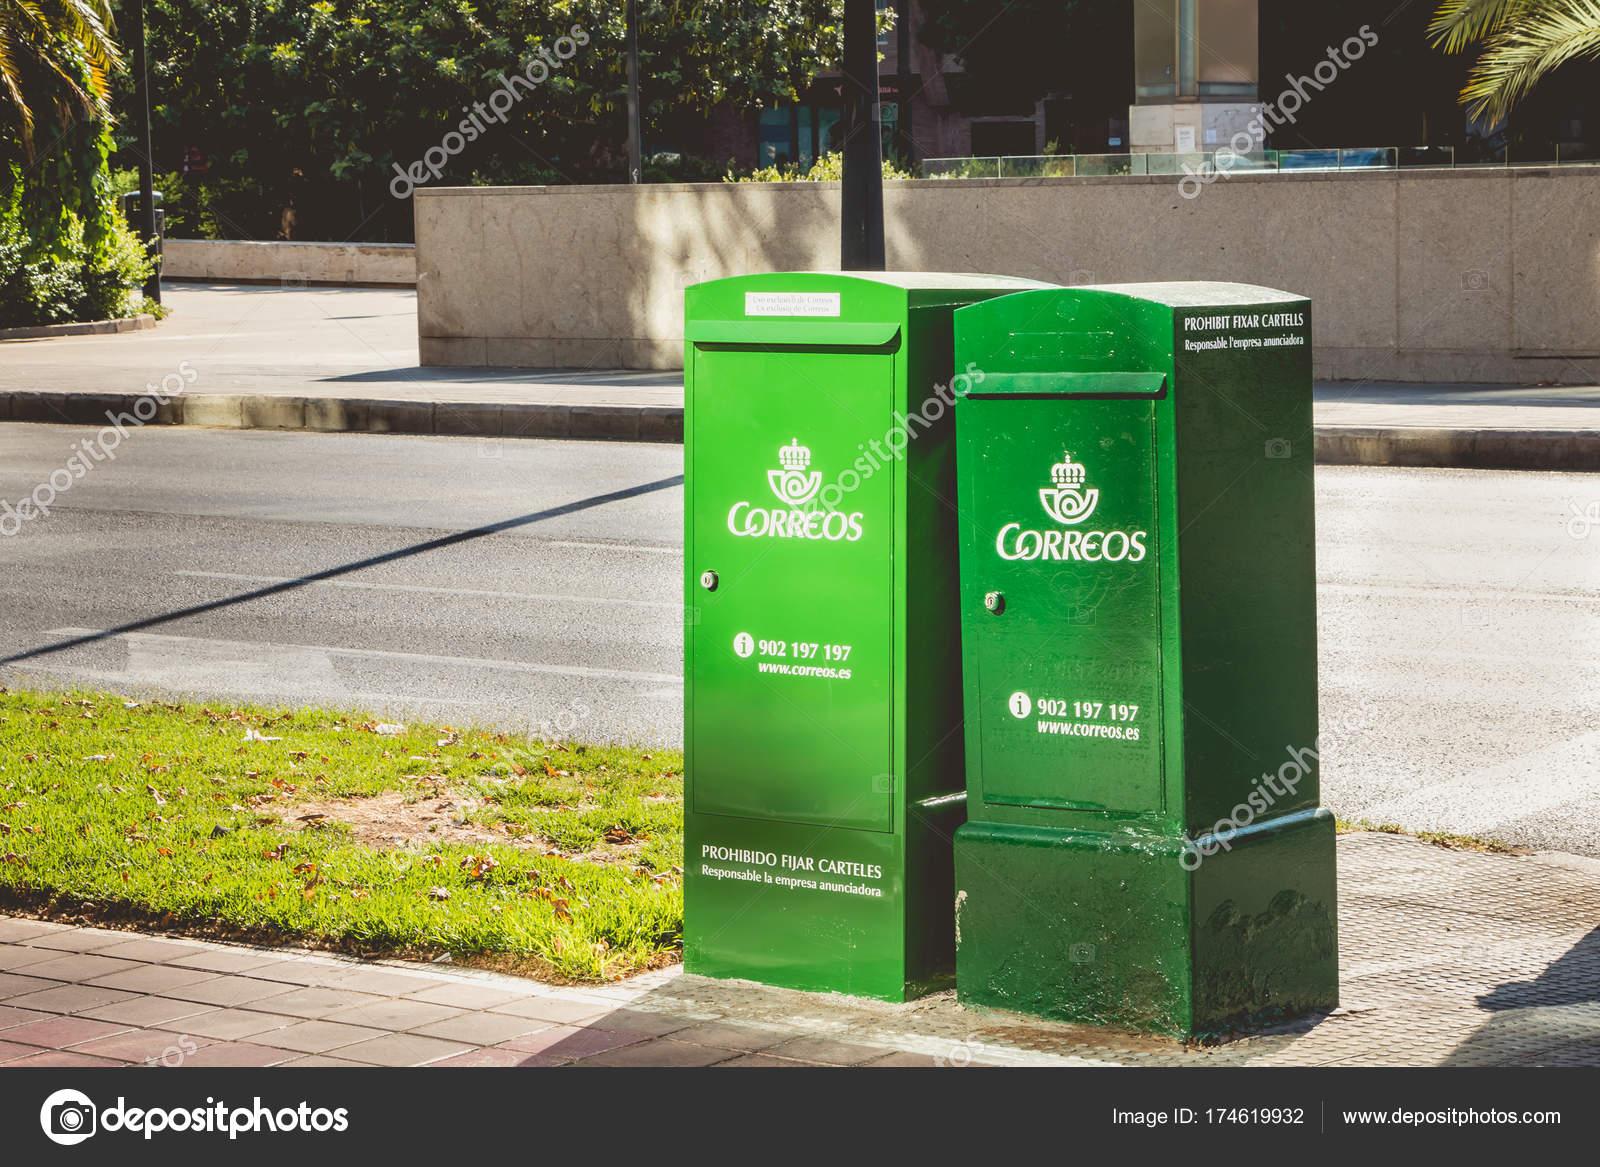 Voorkeur groene brievenbussen van het bedrijf Correos – Redactionele NO57